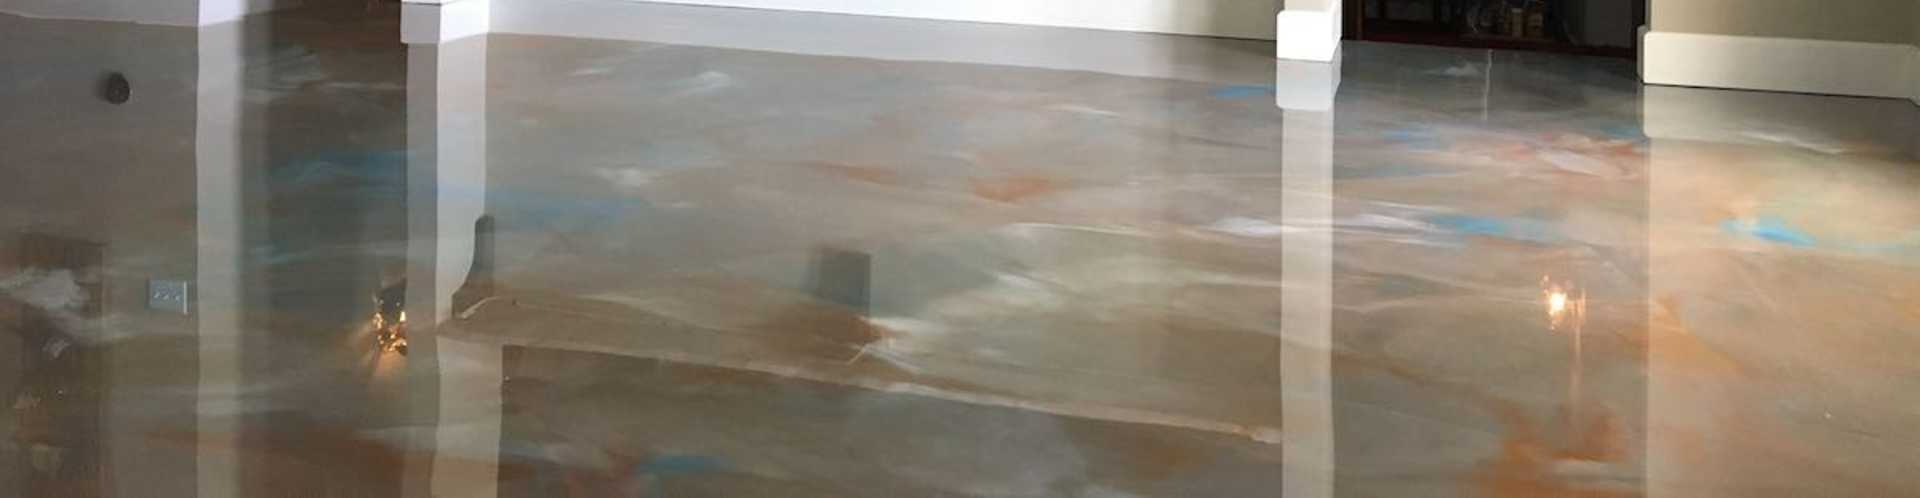 Finished Epoxy Basement Flooring